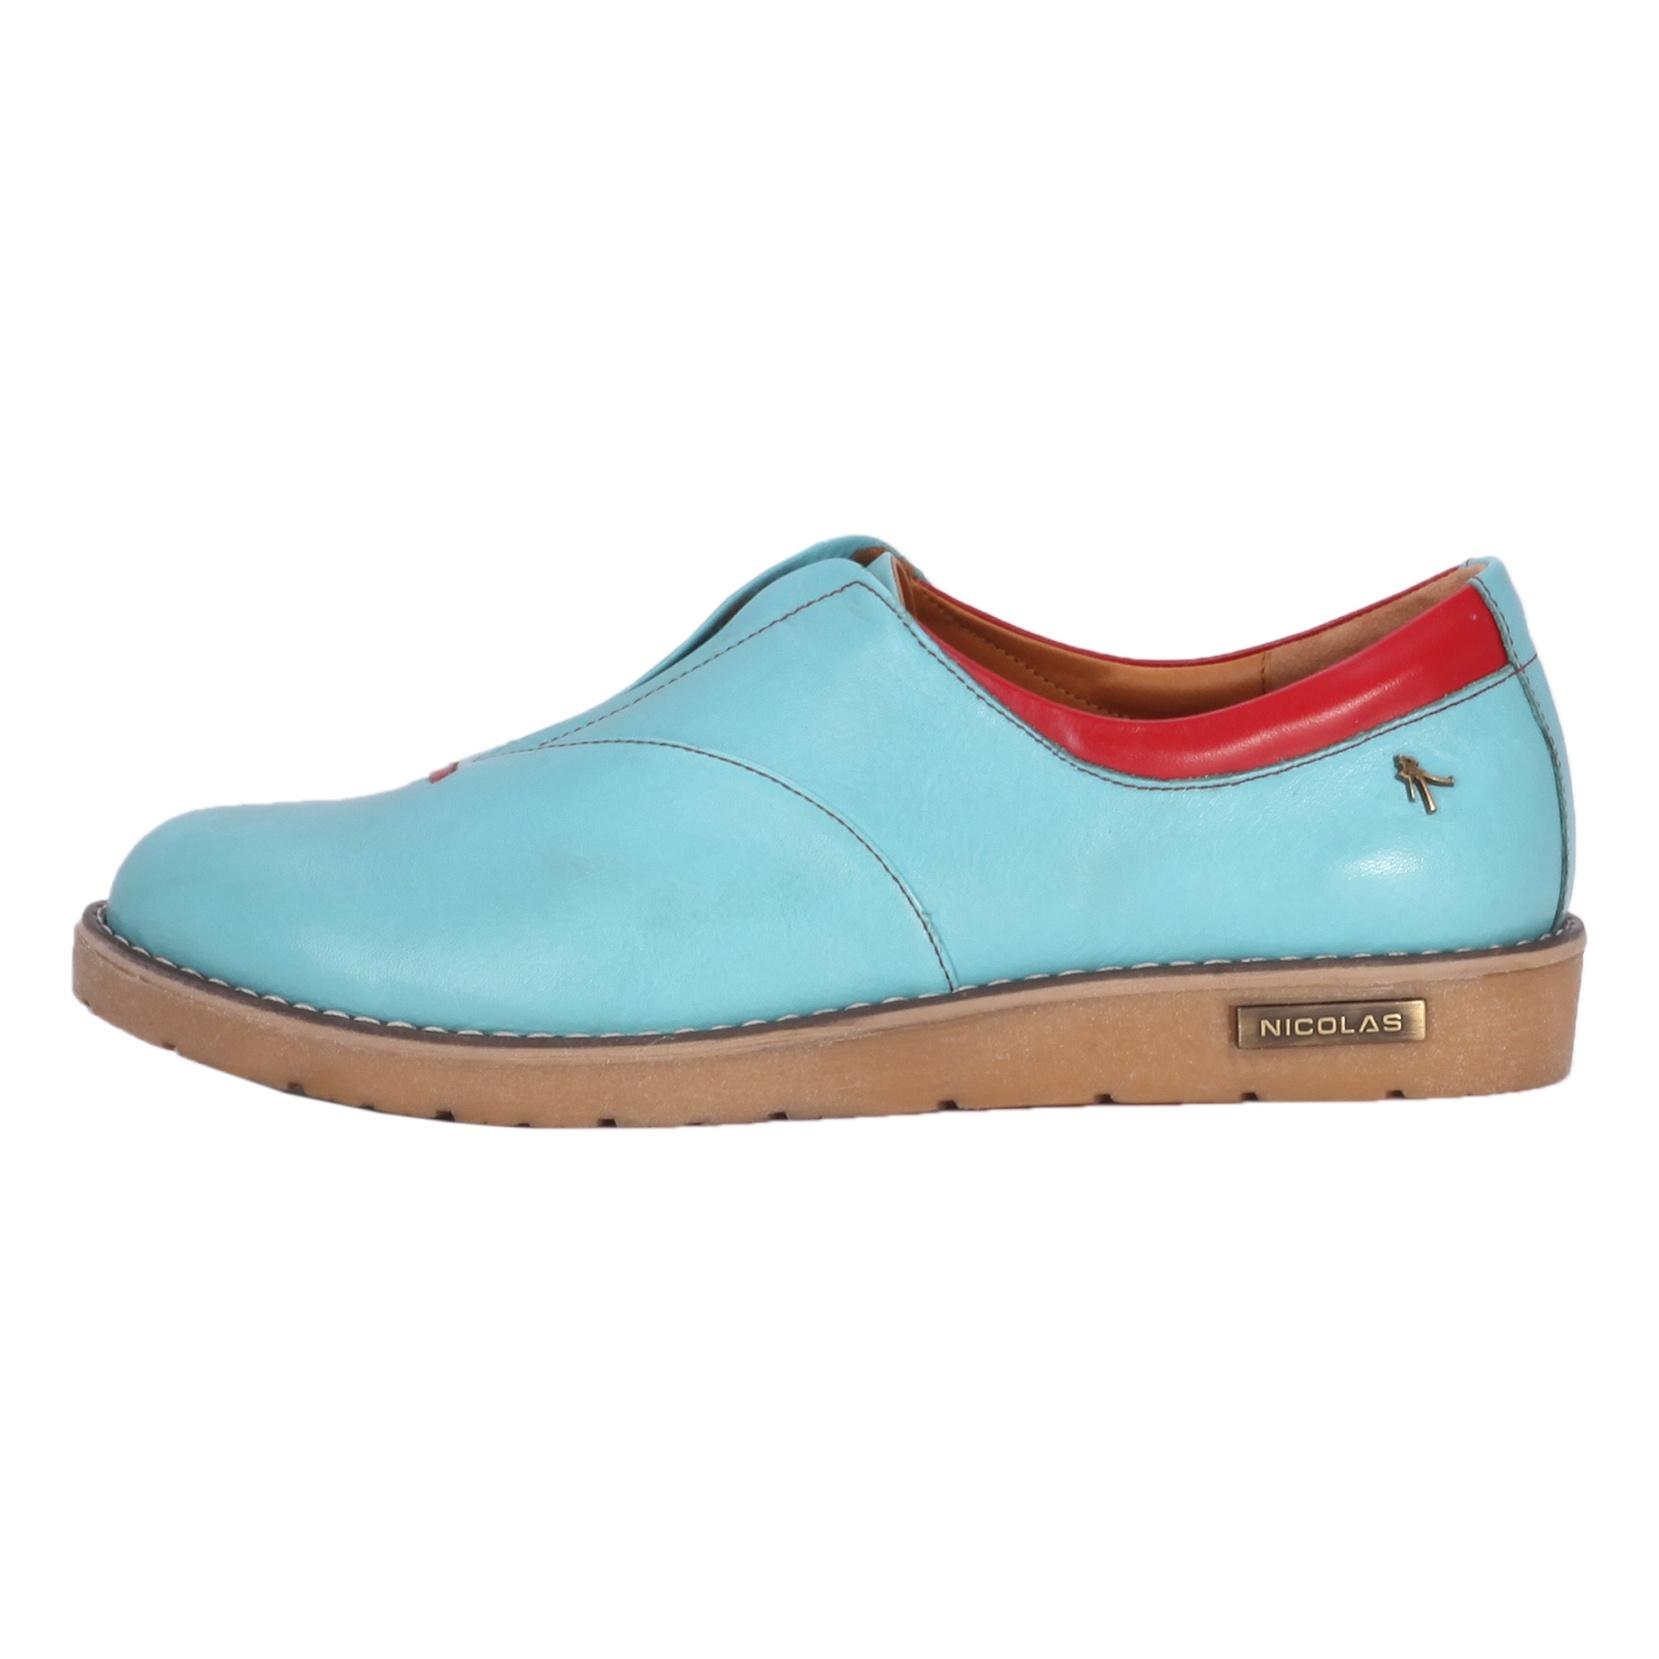 تصویر کفش روزمره زنانه نیکلاس کد 552-BL